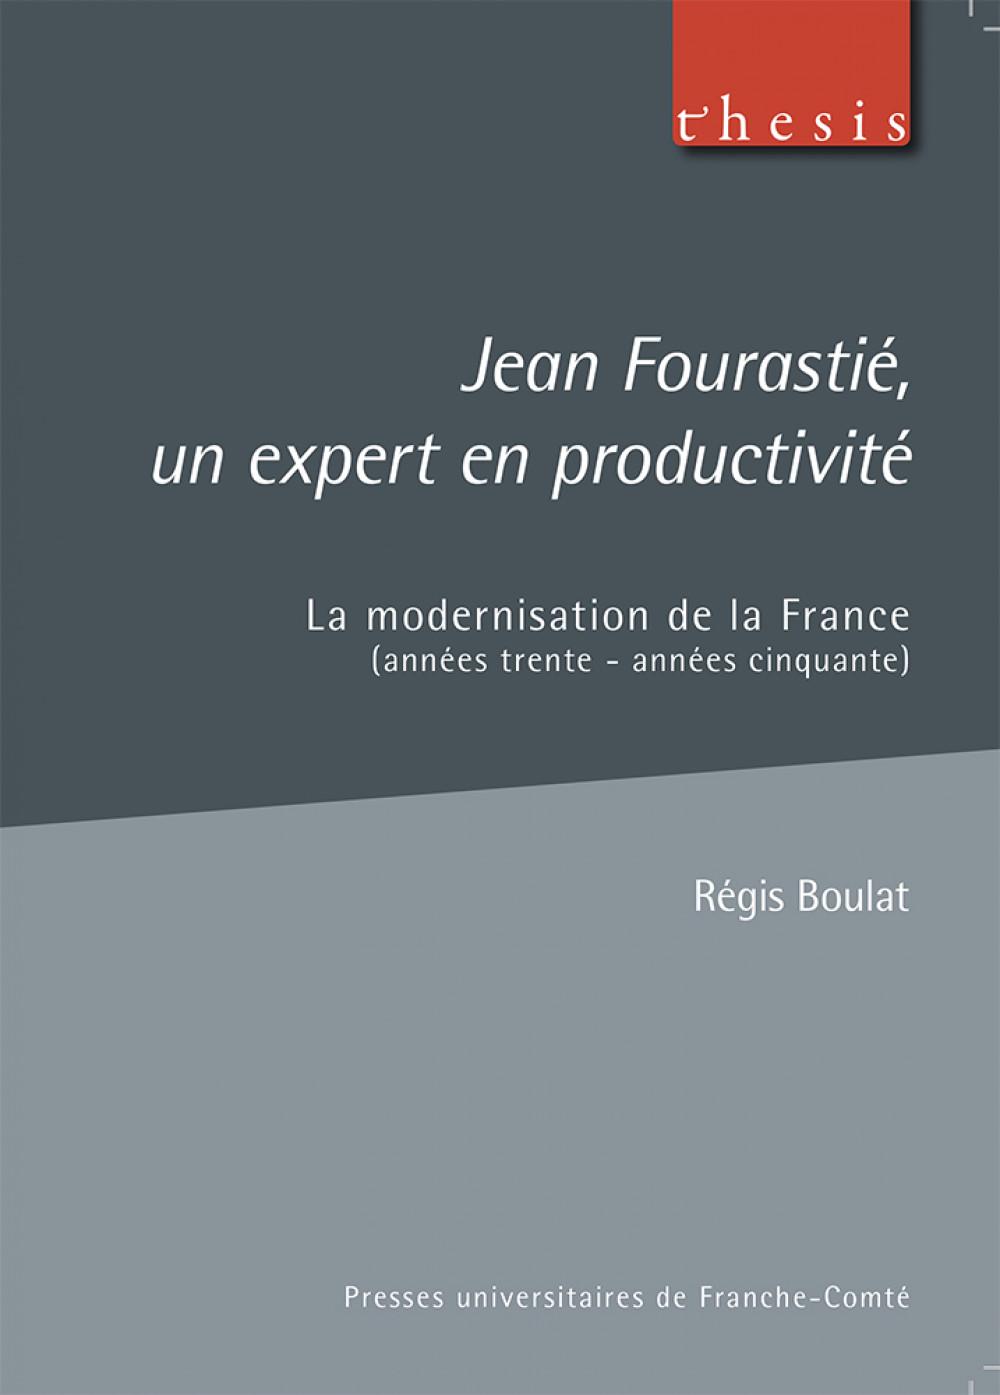 Jean Fourastié, un expert en productivité